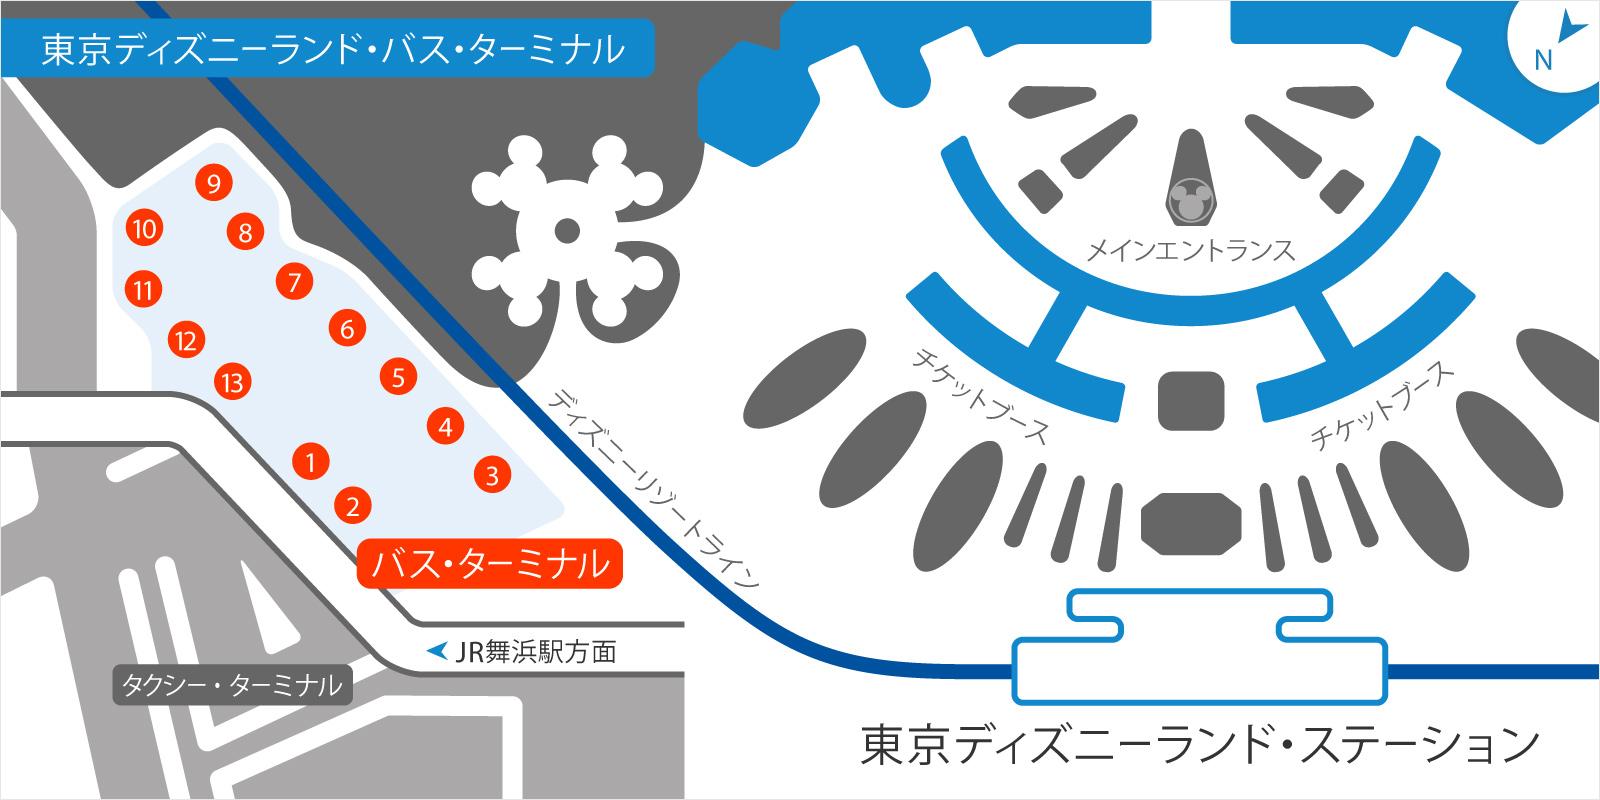 東京ディズニーランドバスのりばの地図